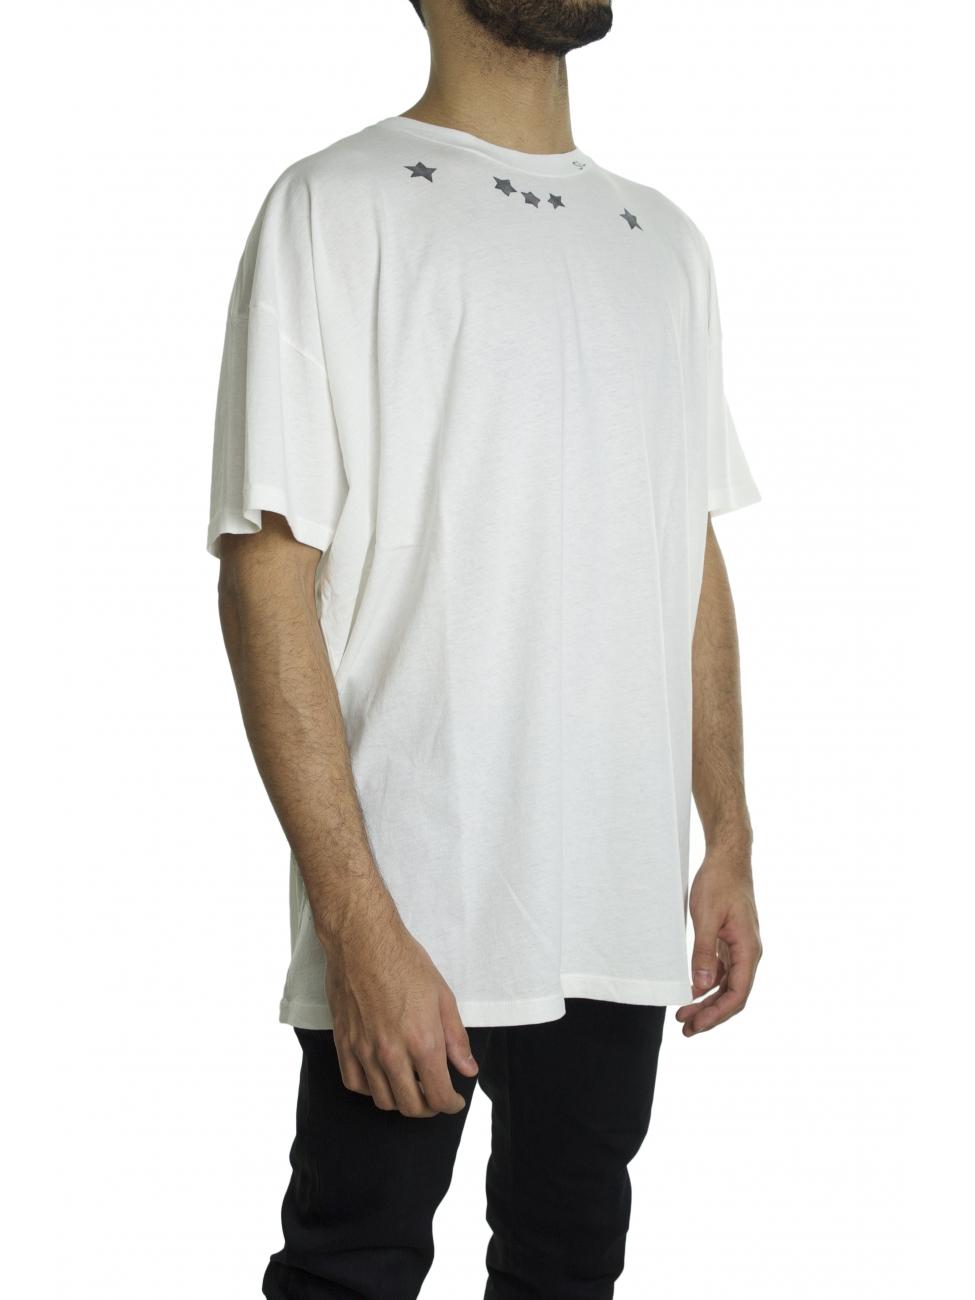 saint laurent white star t shirt in white for men lyst. Black Bedroom Furniture Sets. Home Design Ideas